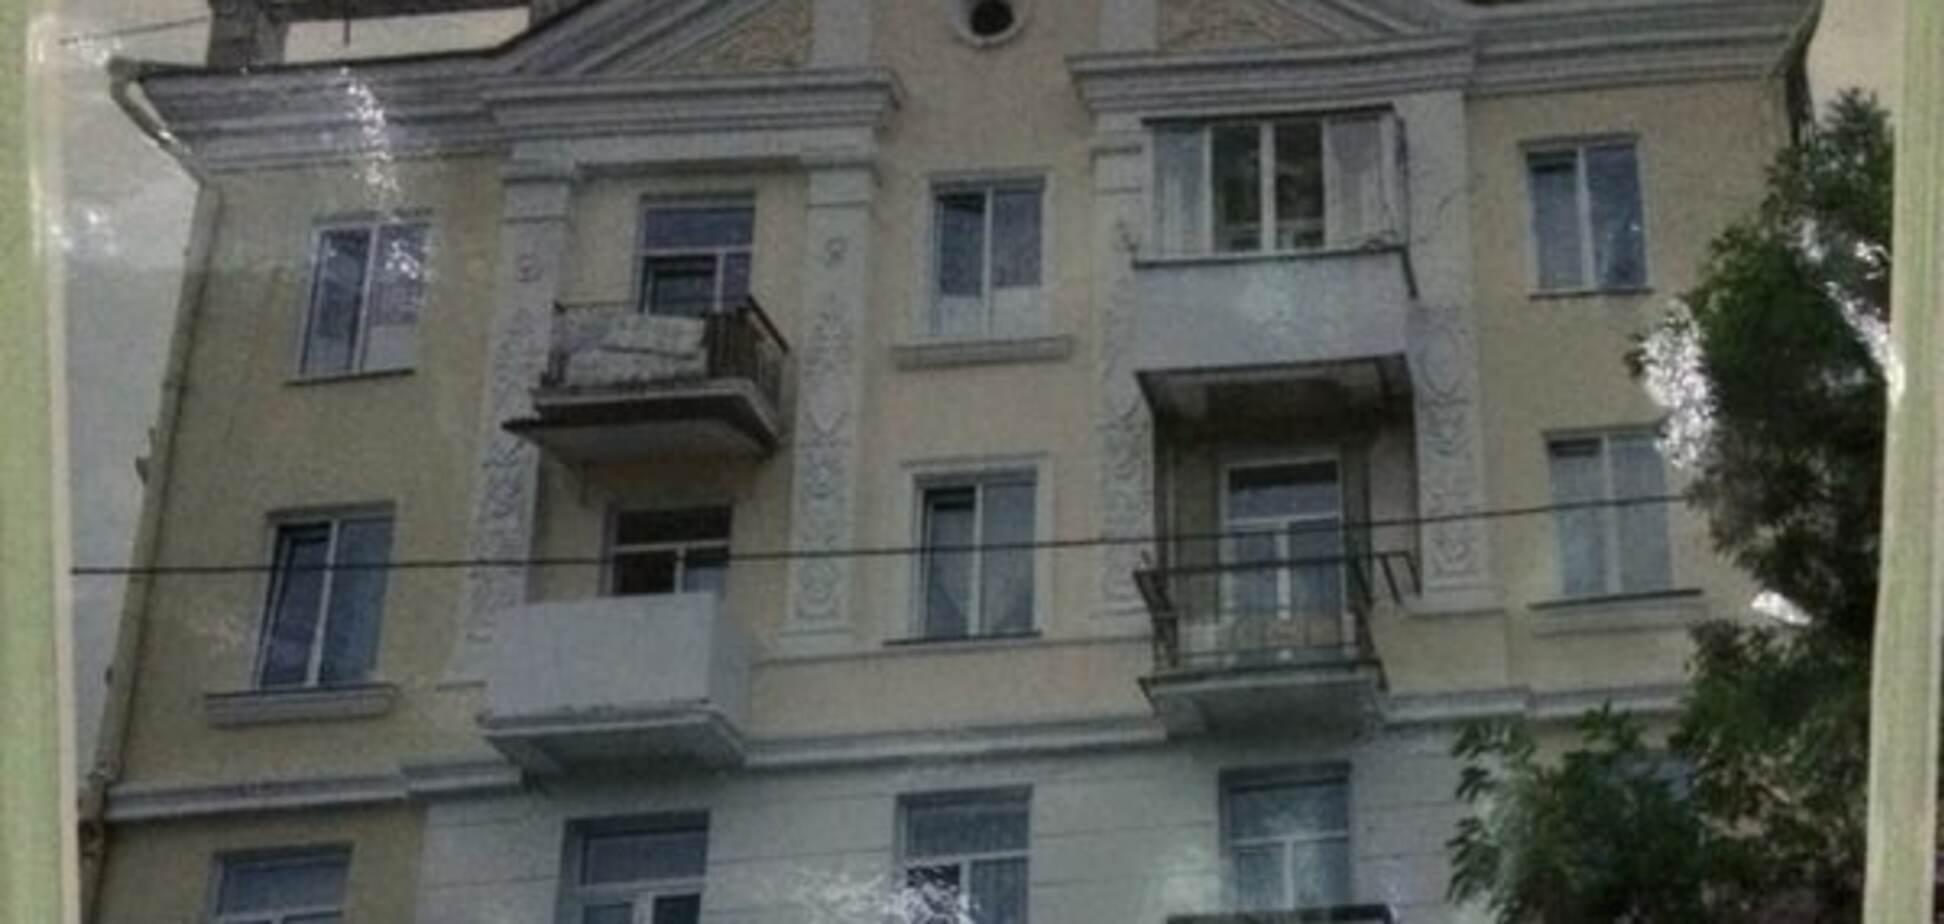 Журналист показал, как Украина отстроила уничтоженный террористами Краматорск: опубликованы фото